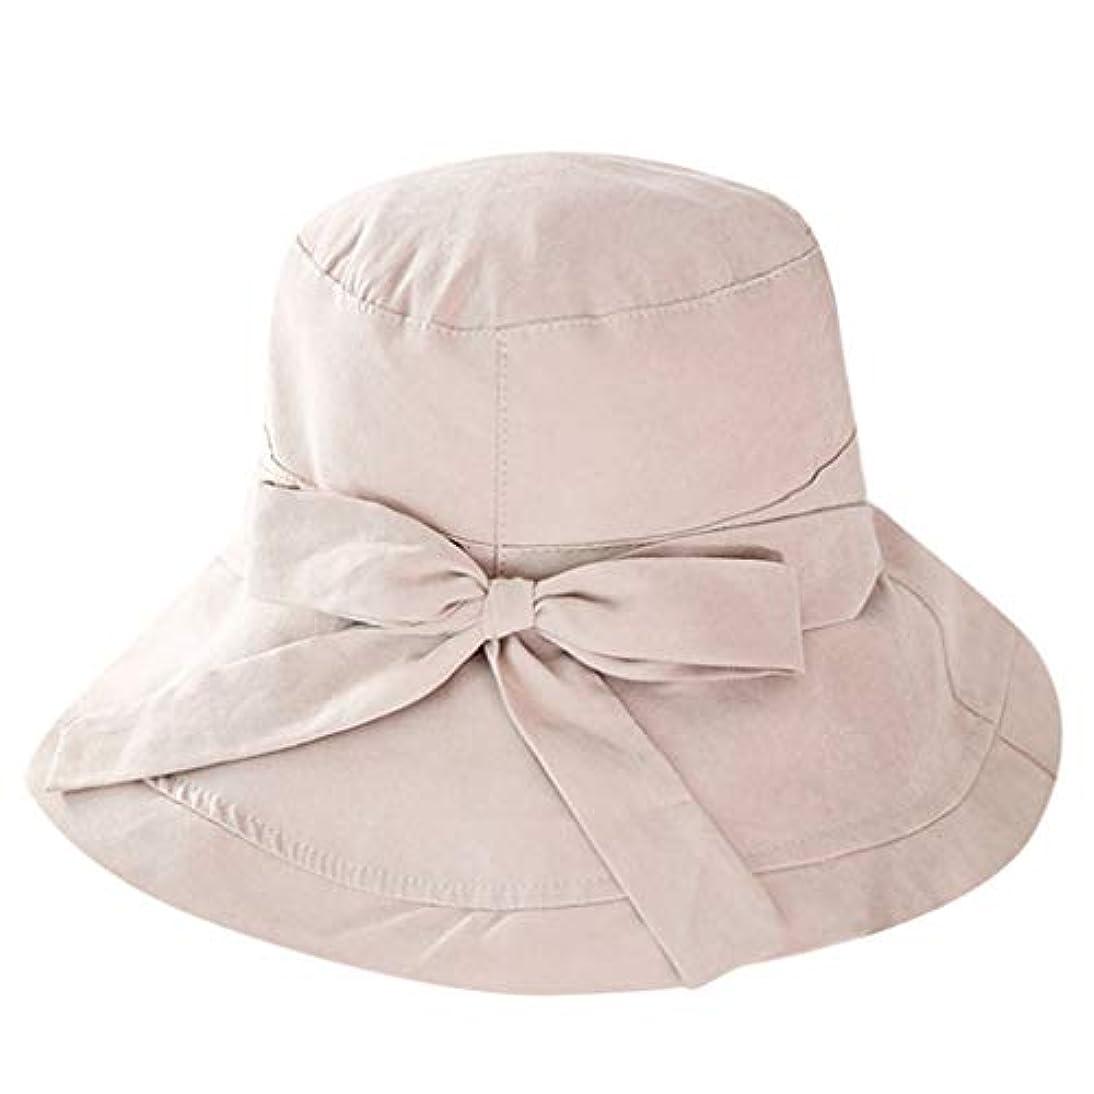 宇宙船泣き叫ぶ組立帽子 レディース 夏 綿 つば広い おしゃれ シンプル カジュアル UVカット 帽子 ハット レディース おしゃれ 可愛い 夏 小顔効果 折りたたみ サイズ調節可 蝶結び 森ガール オールシーズン ROSE ROMAN